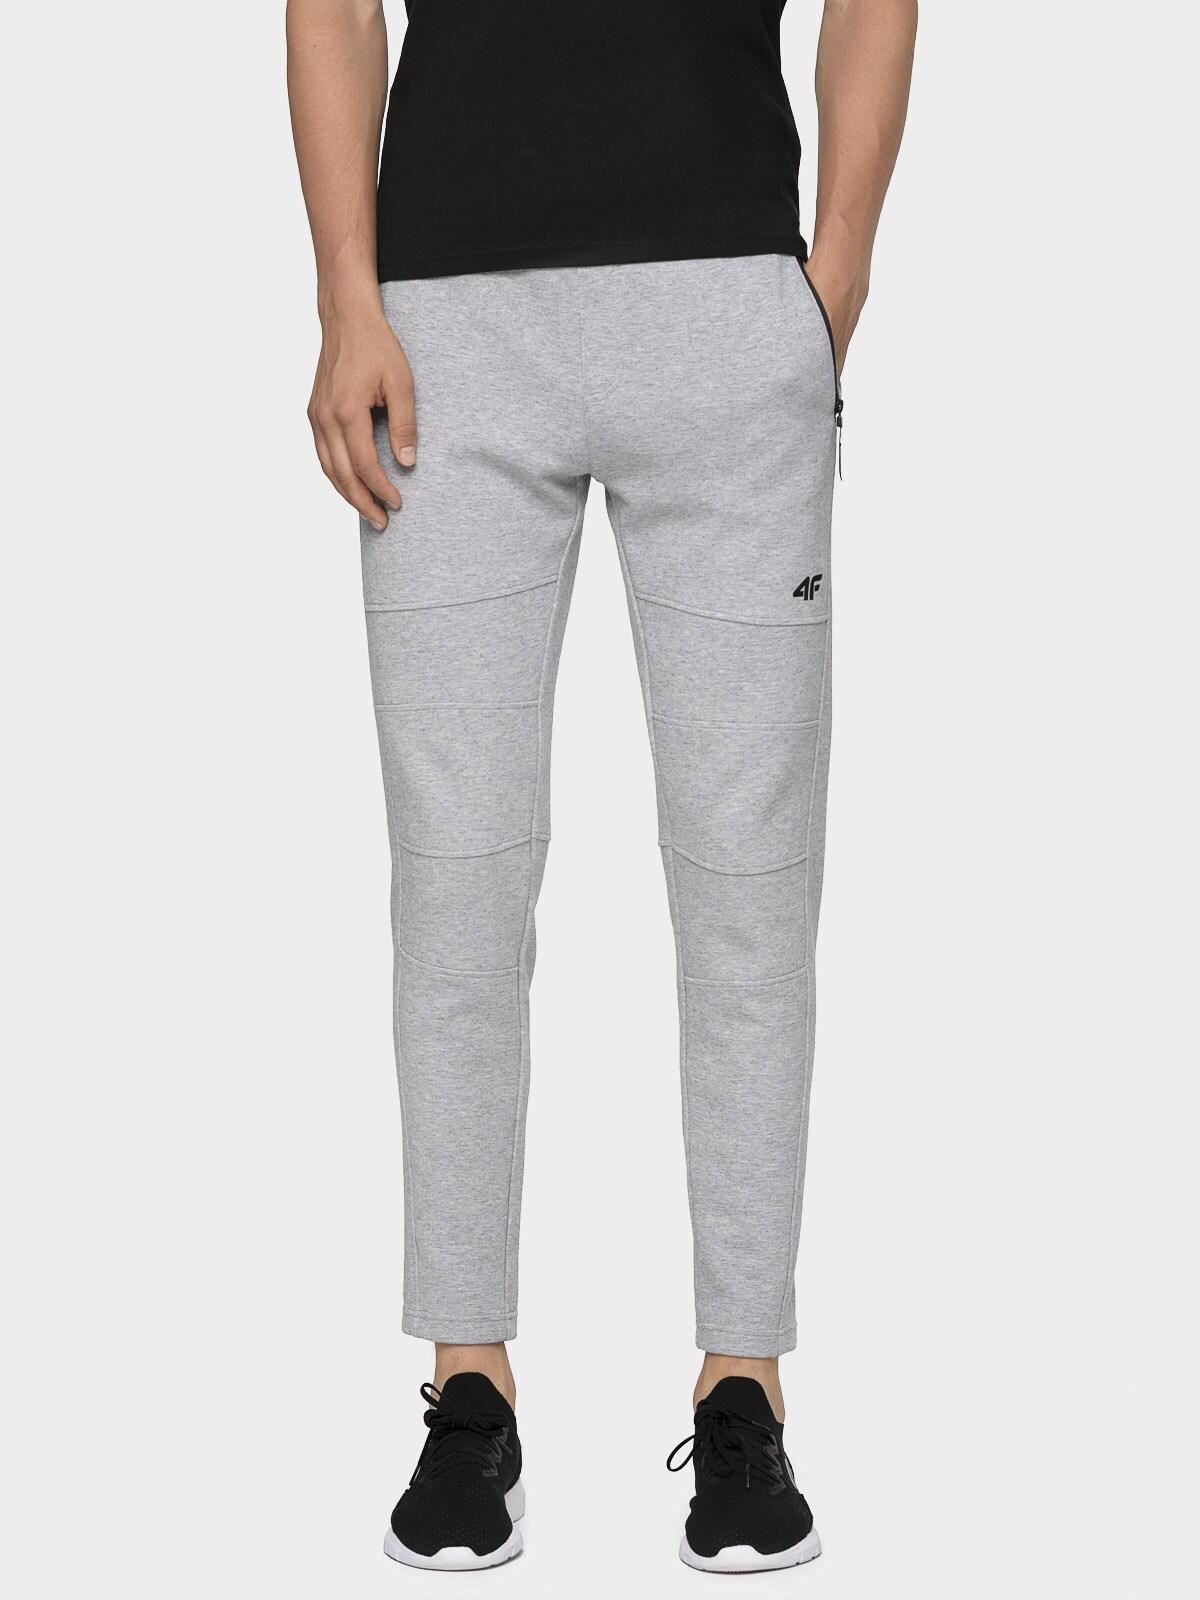 Pantaloni pentru bărbați SPMD072 - gri rece deschis melanj